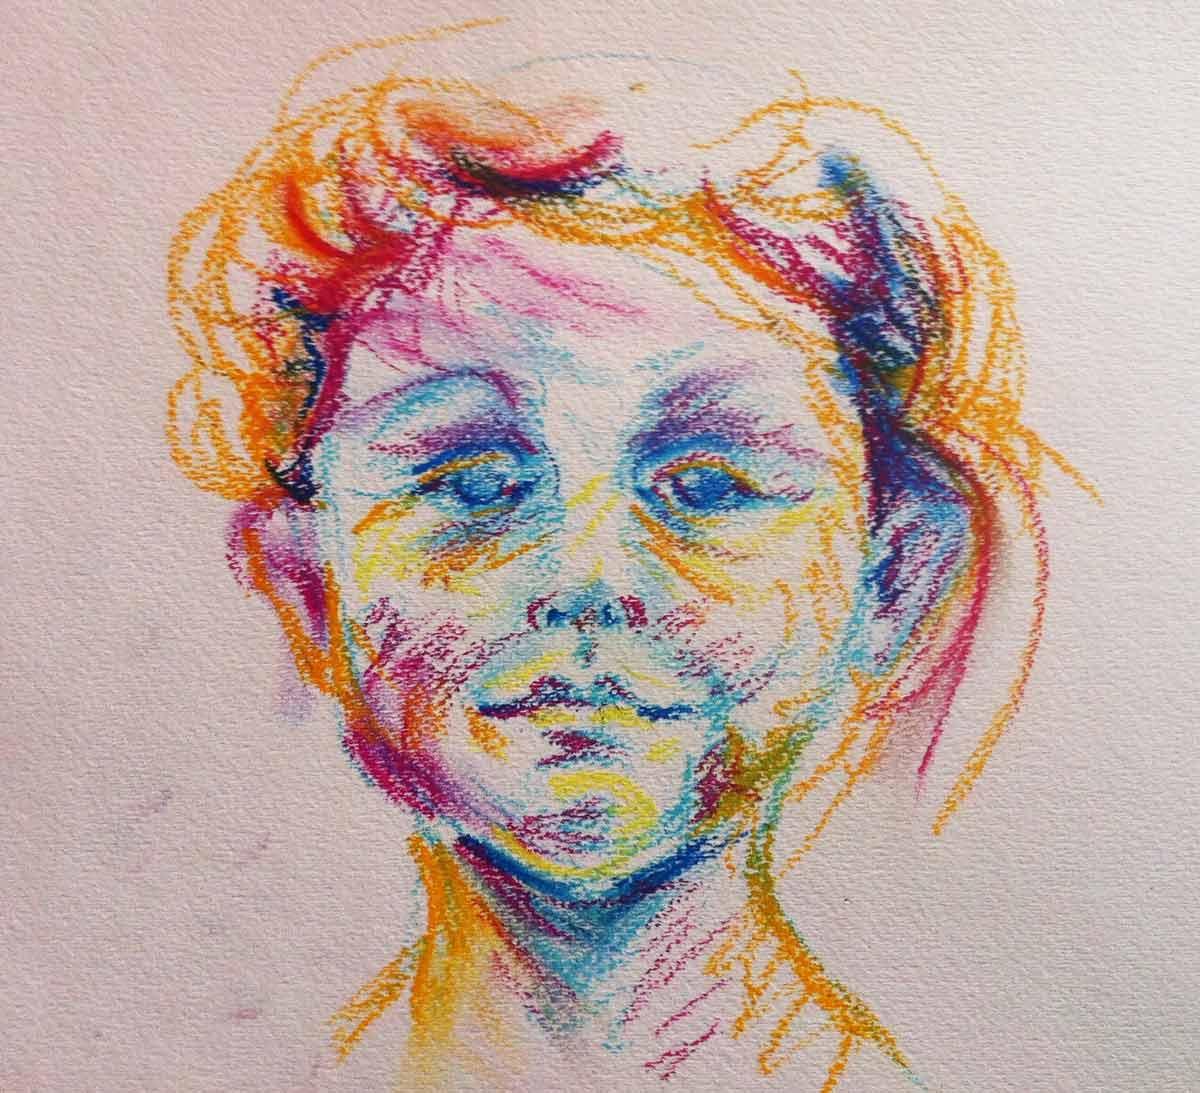 Eden_portrait.jpg